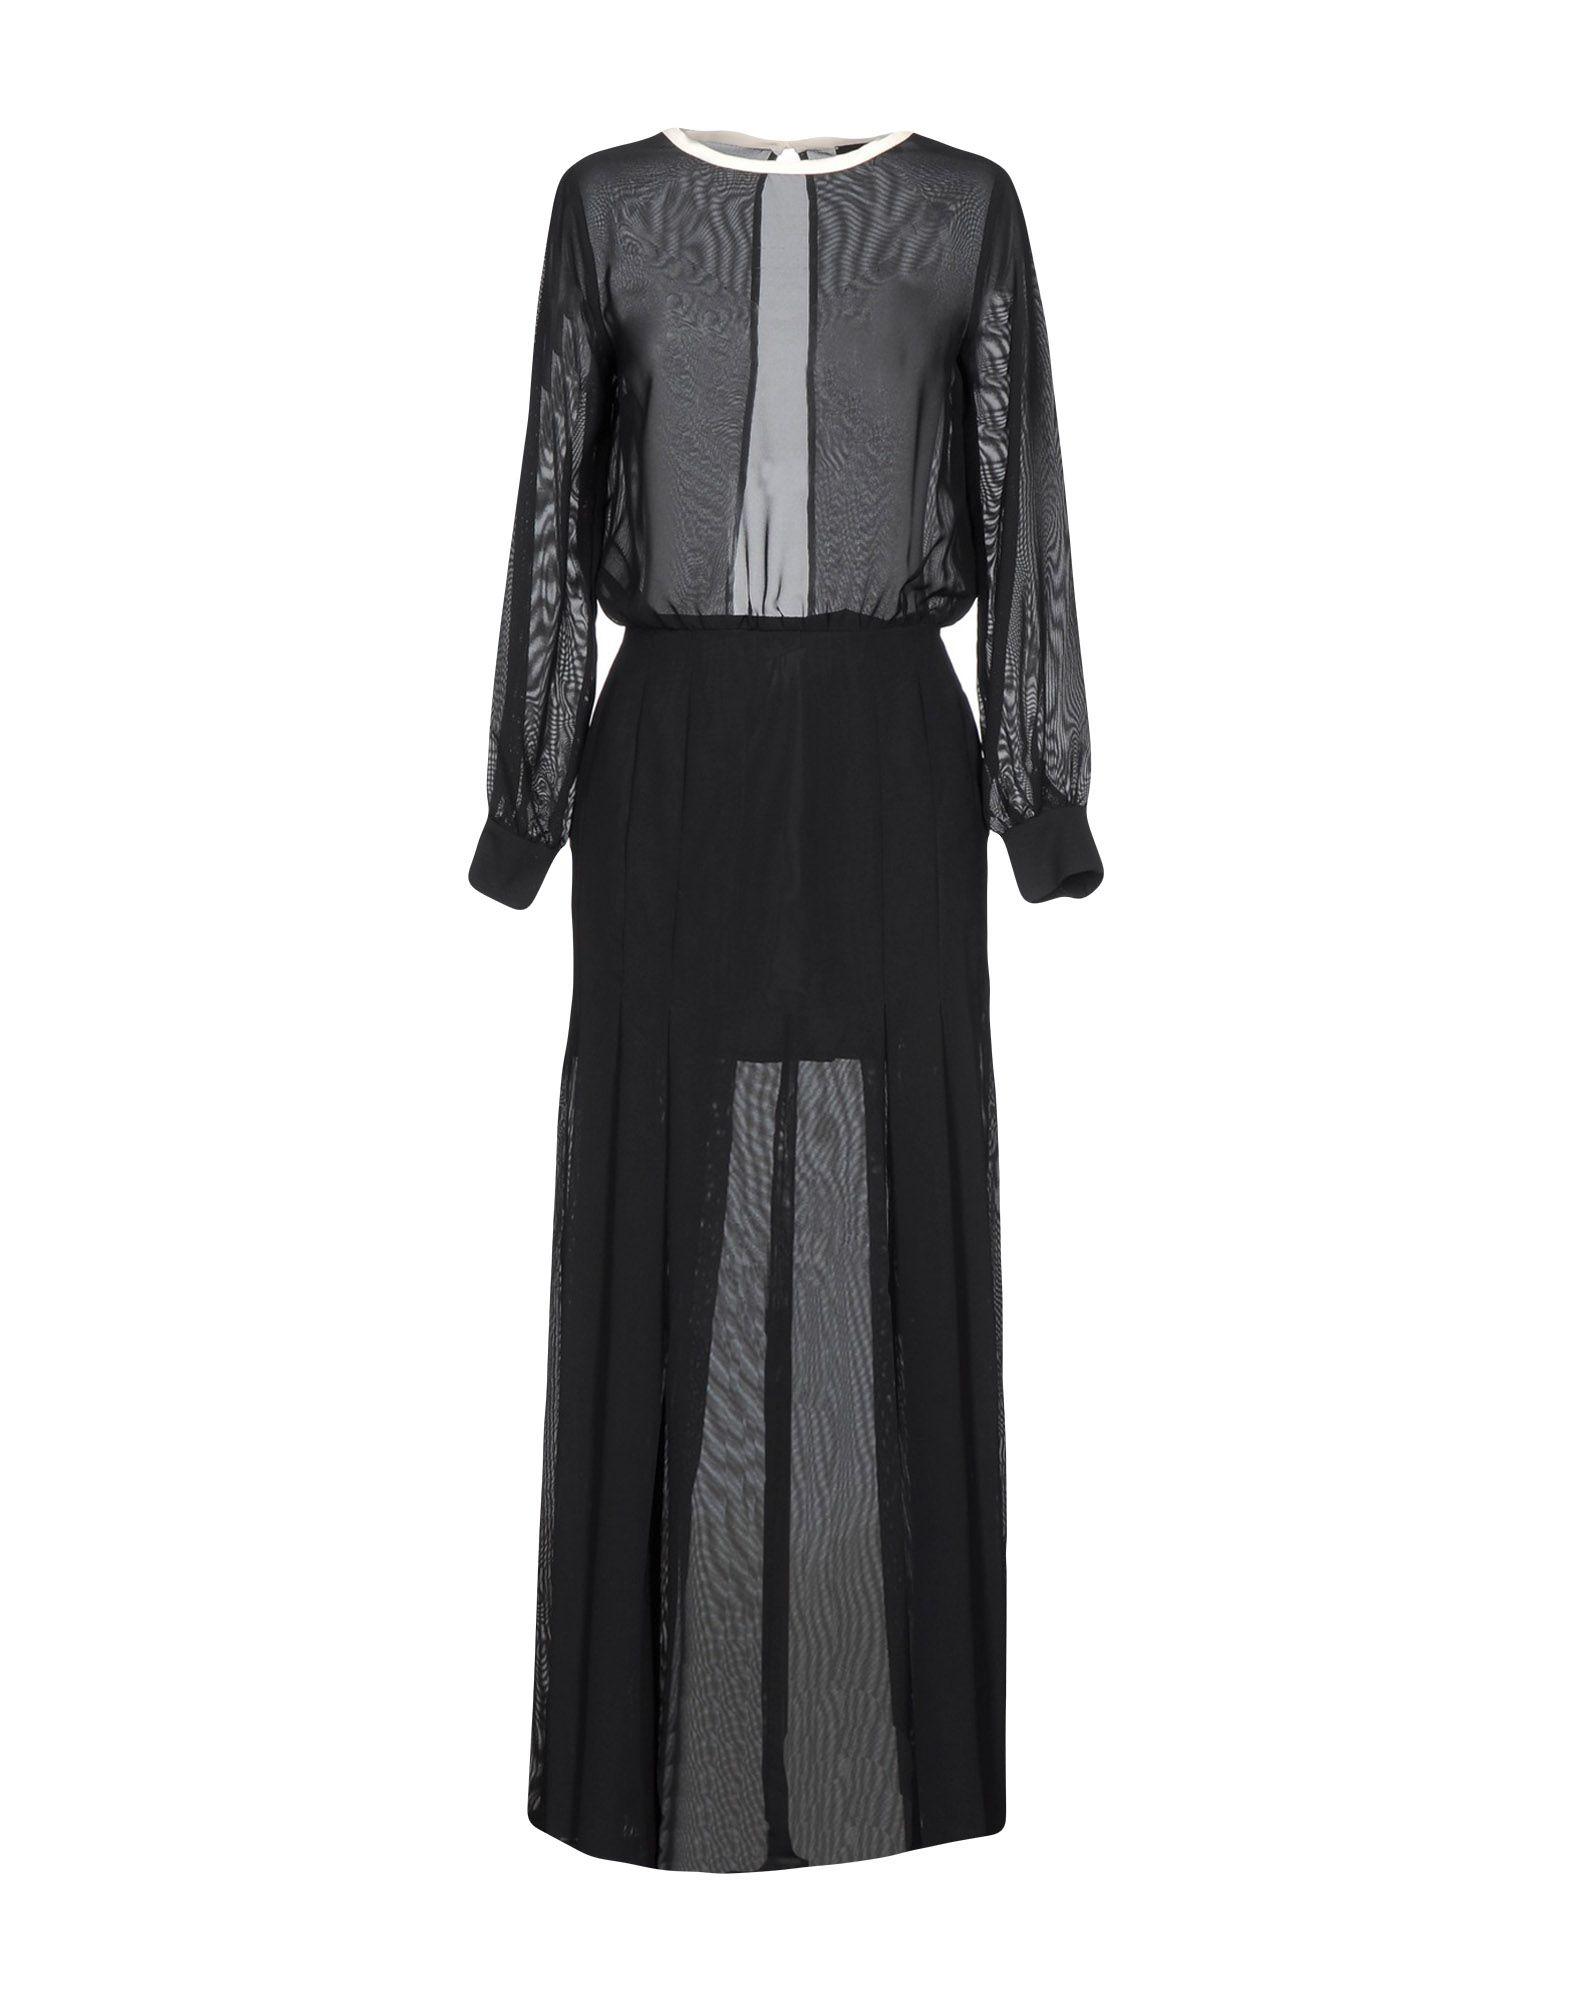 .TESSA Длинное платье платье короткое спереди длинное сзади летнее